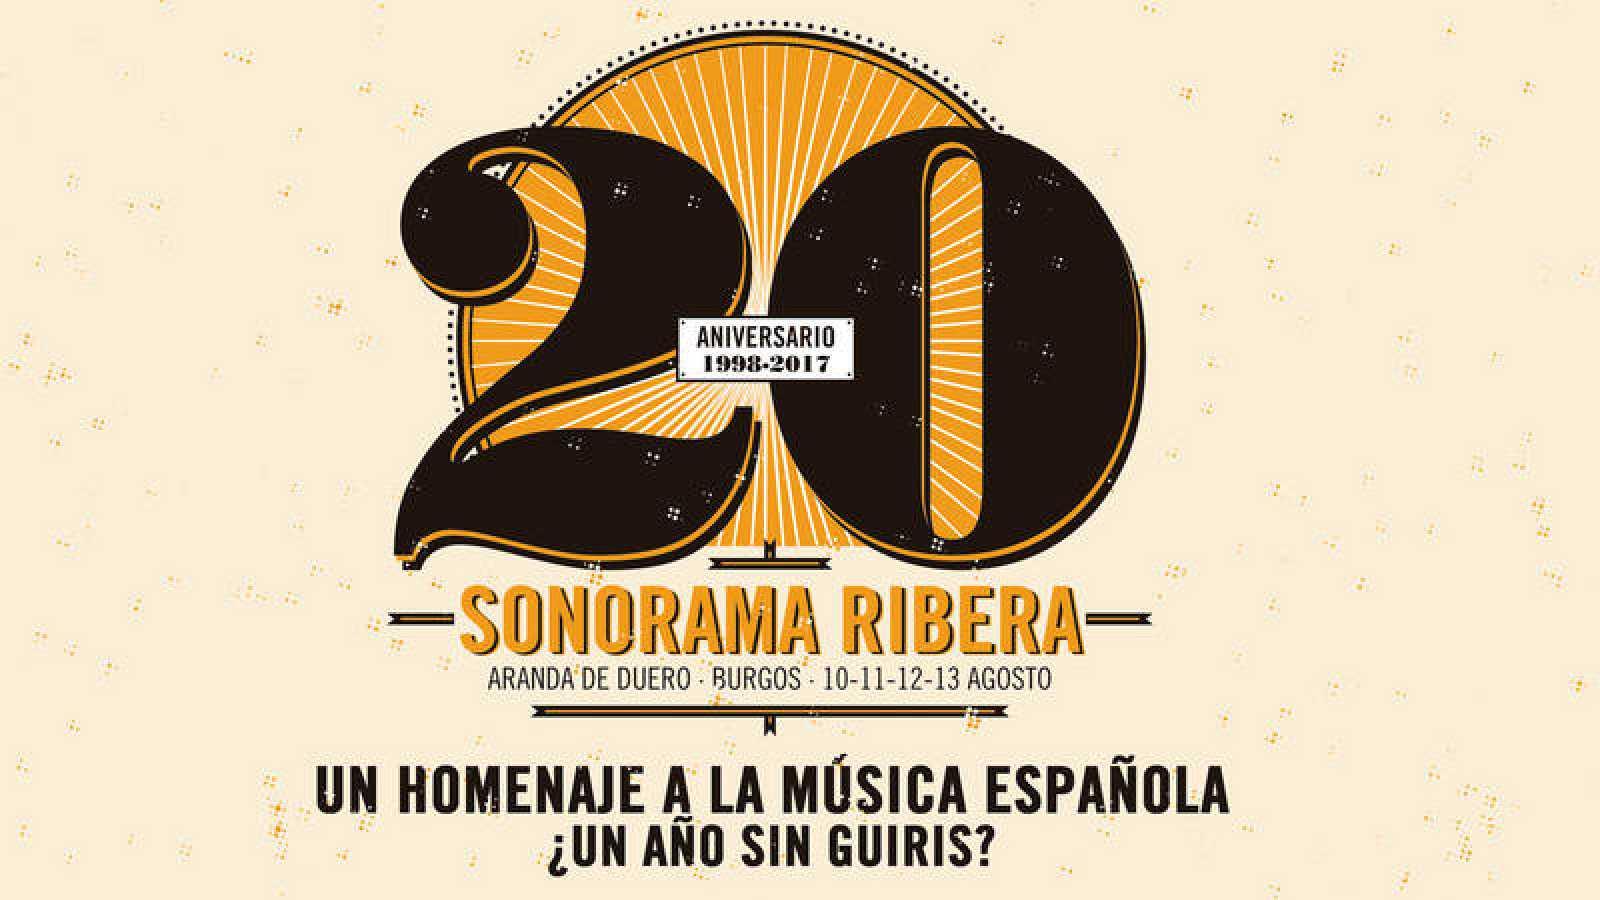 Dos nuevos nombres se suman a la programación del Sonorama Ribera 2017